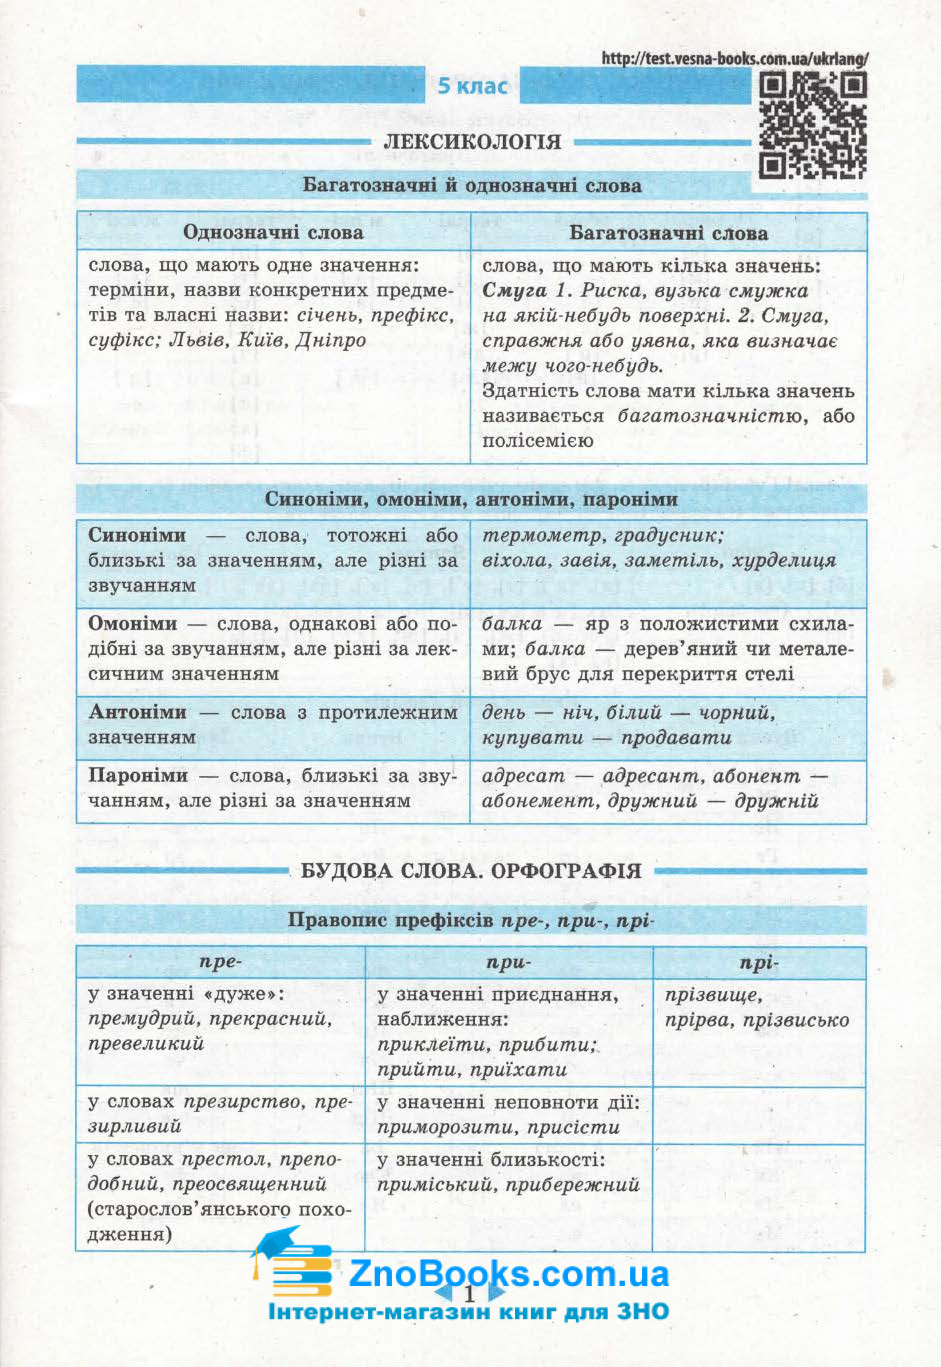 Довідник 6-11 класи з української мови. Підготовка до ЗНО та ДПА. Маркотенко Т. Весна 2